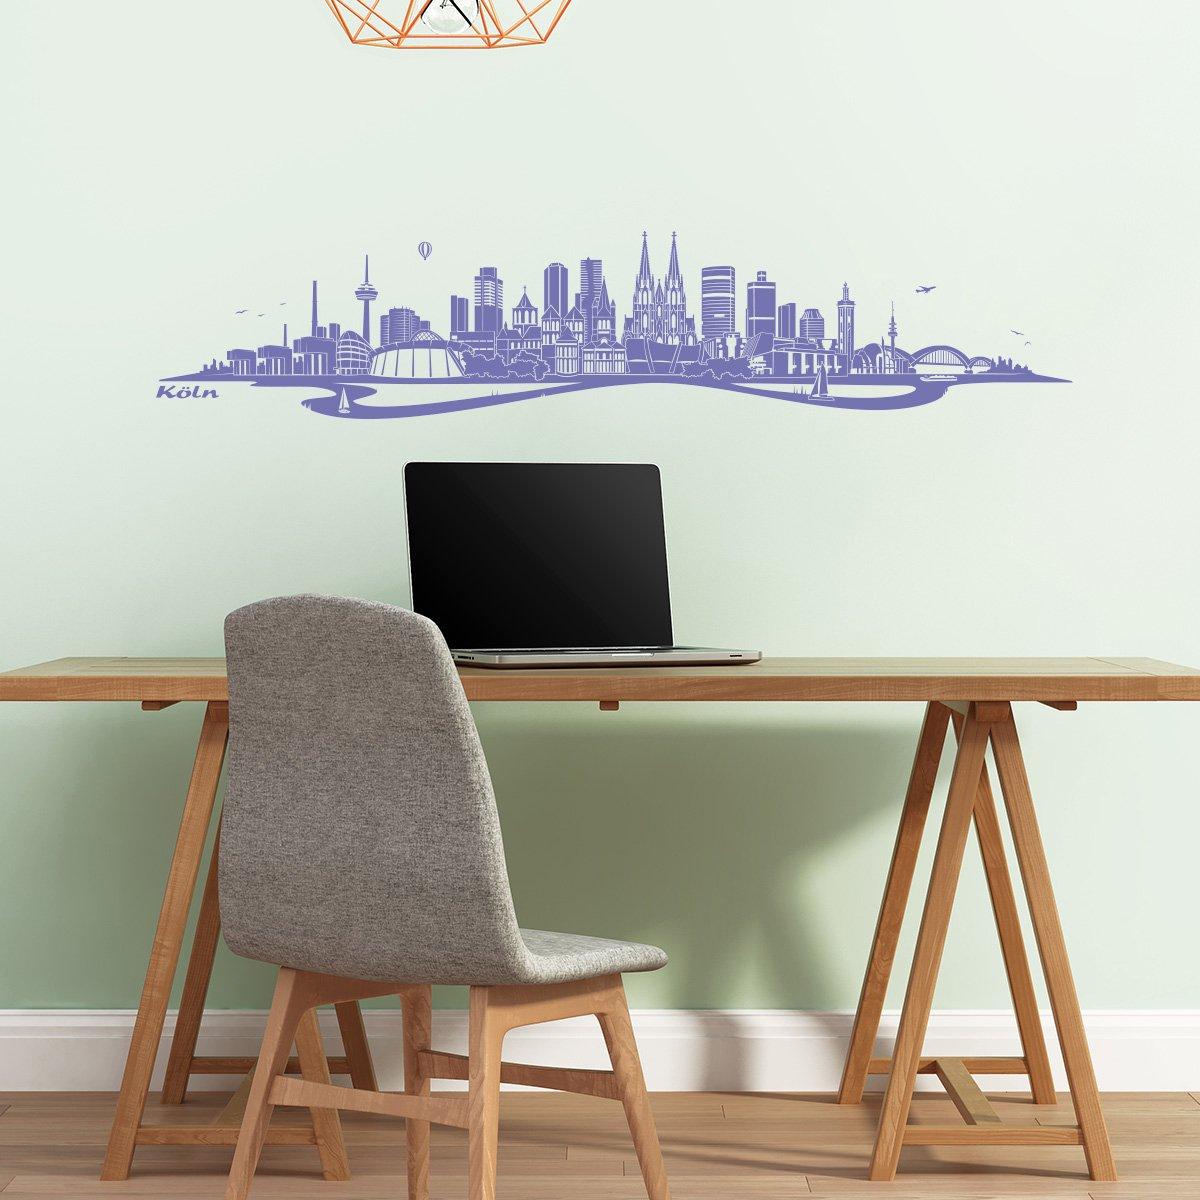 WANDKINGS WANDKINGS WANDKINGS Wandtattoo - Skyline Köln (mit Fluss) - 180 x 37 cm - Dunkelgrau - Wähle aus 6 Größen & 35 Farben 433a1e